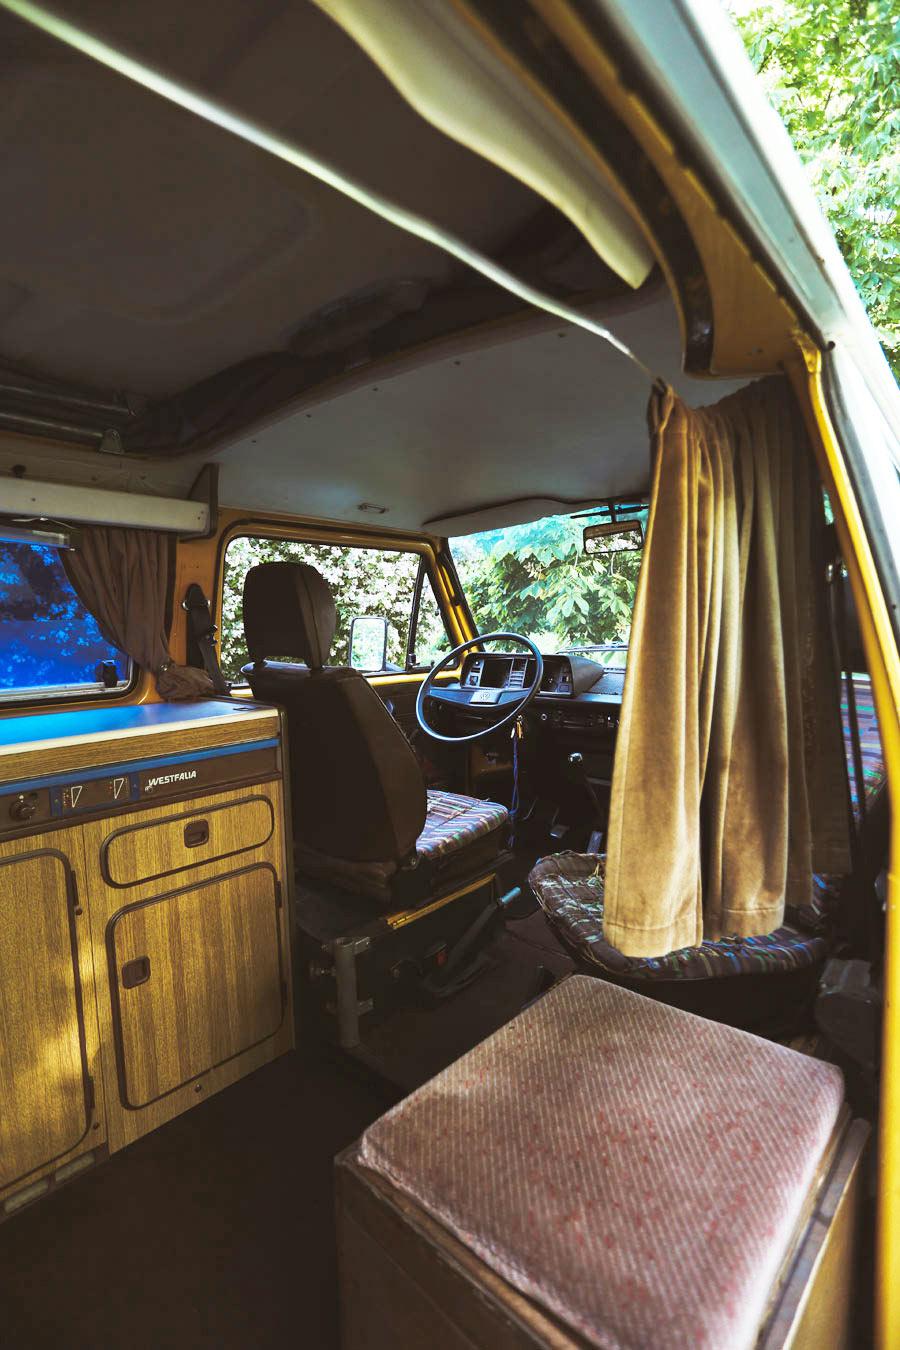 BulliHoliday VW Bus mieten Blumo - Wohnraum mit einem Schwenk nach rechts